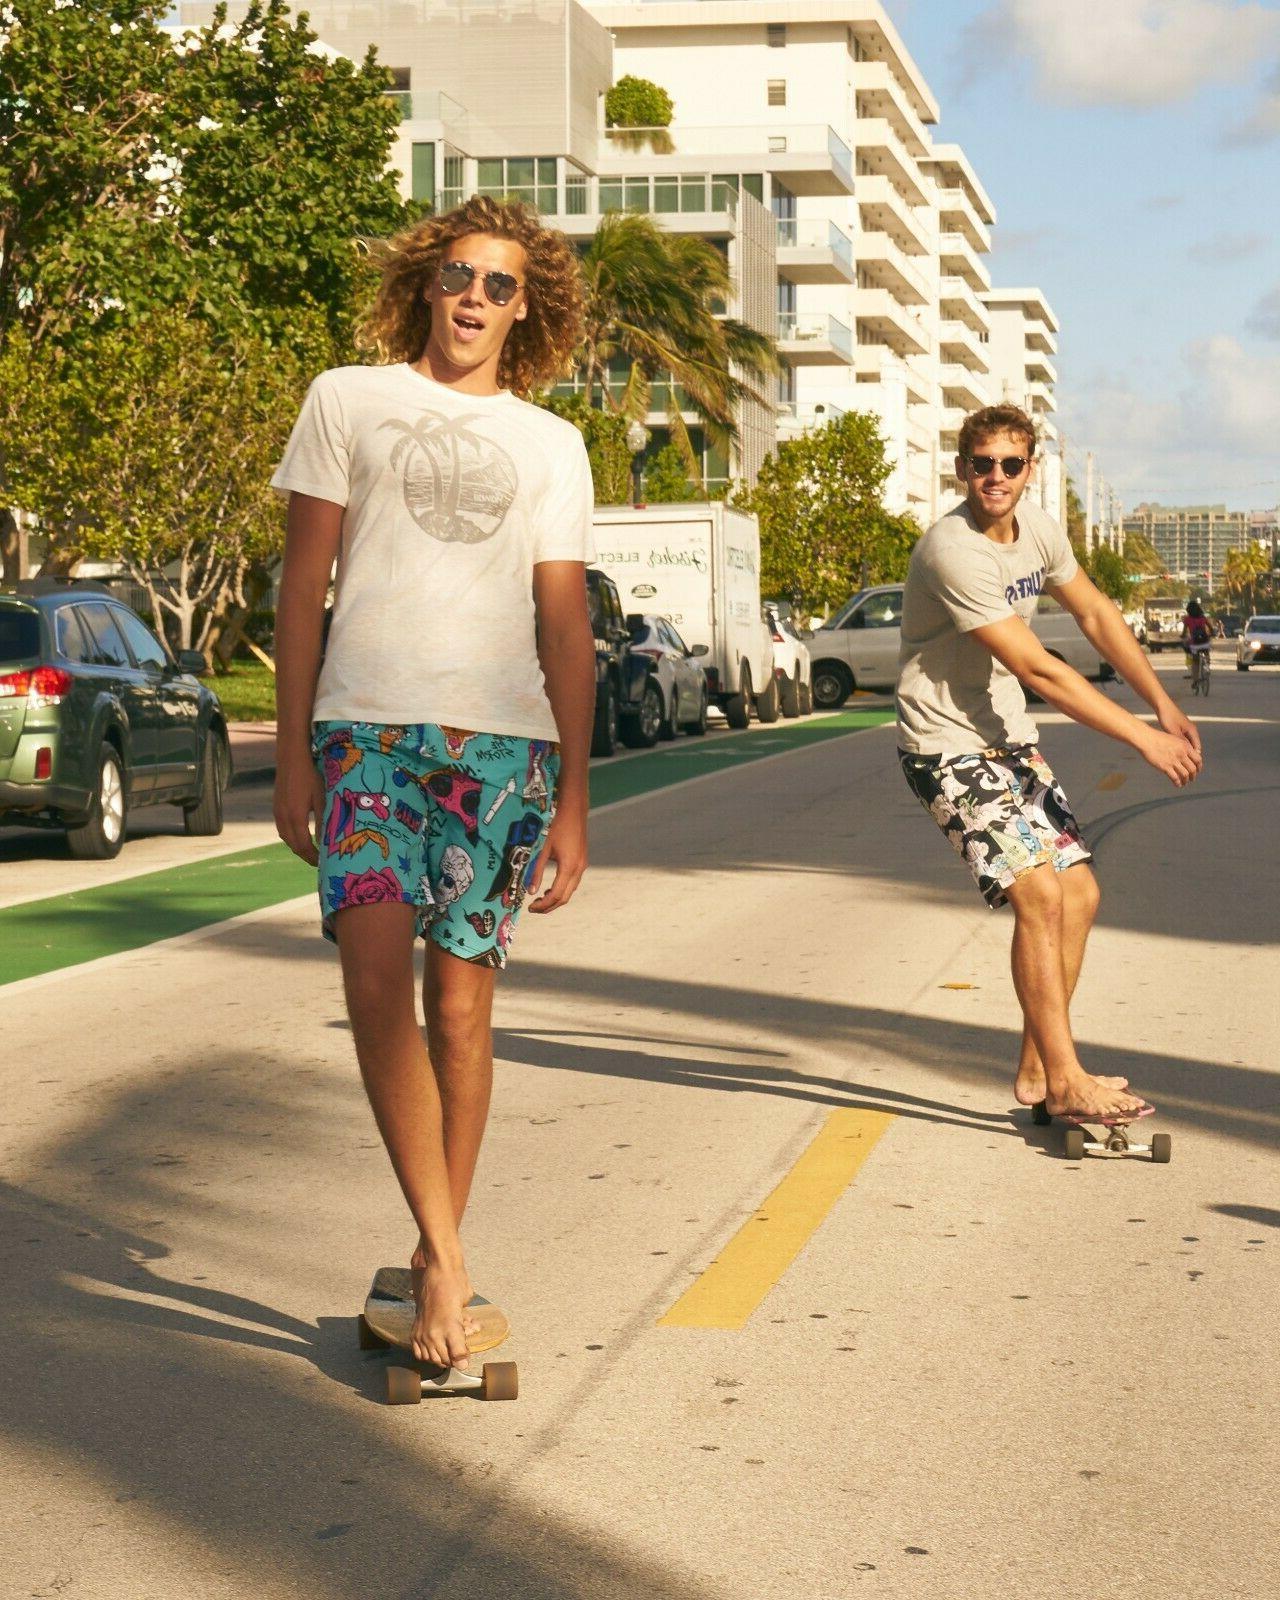 SULANG Board Shorts Swim No Mesh Lining